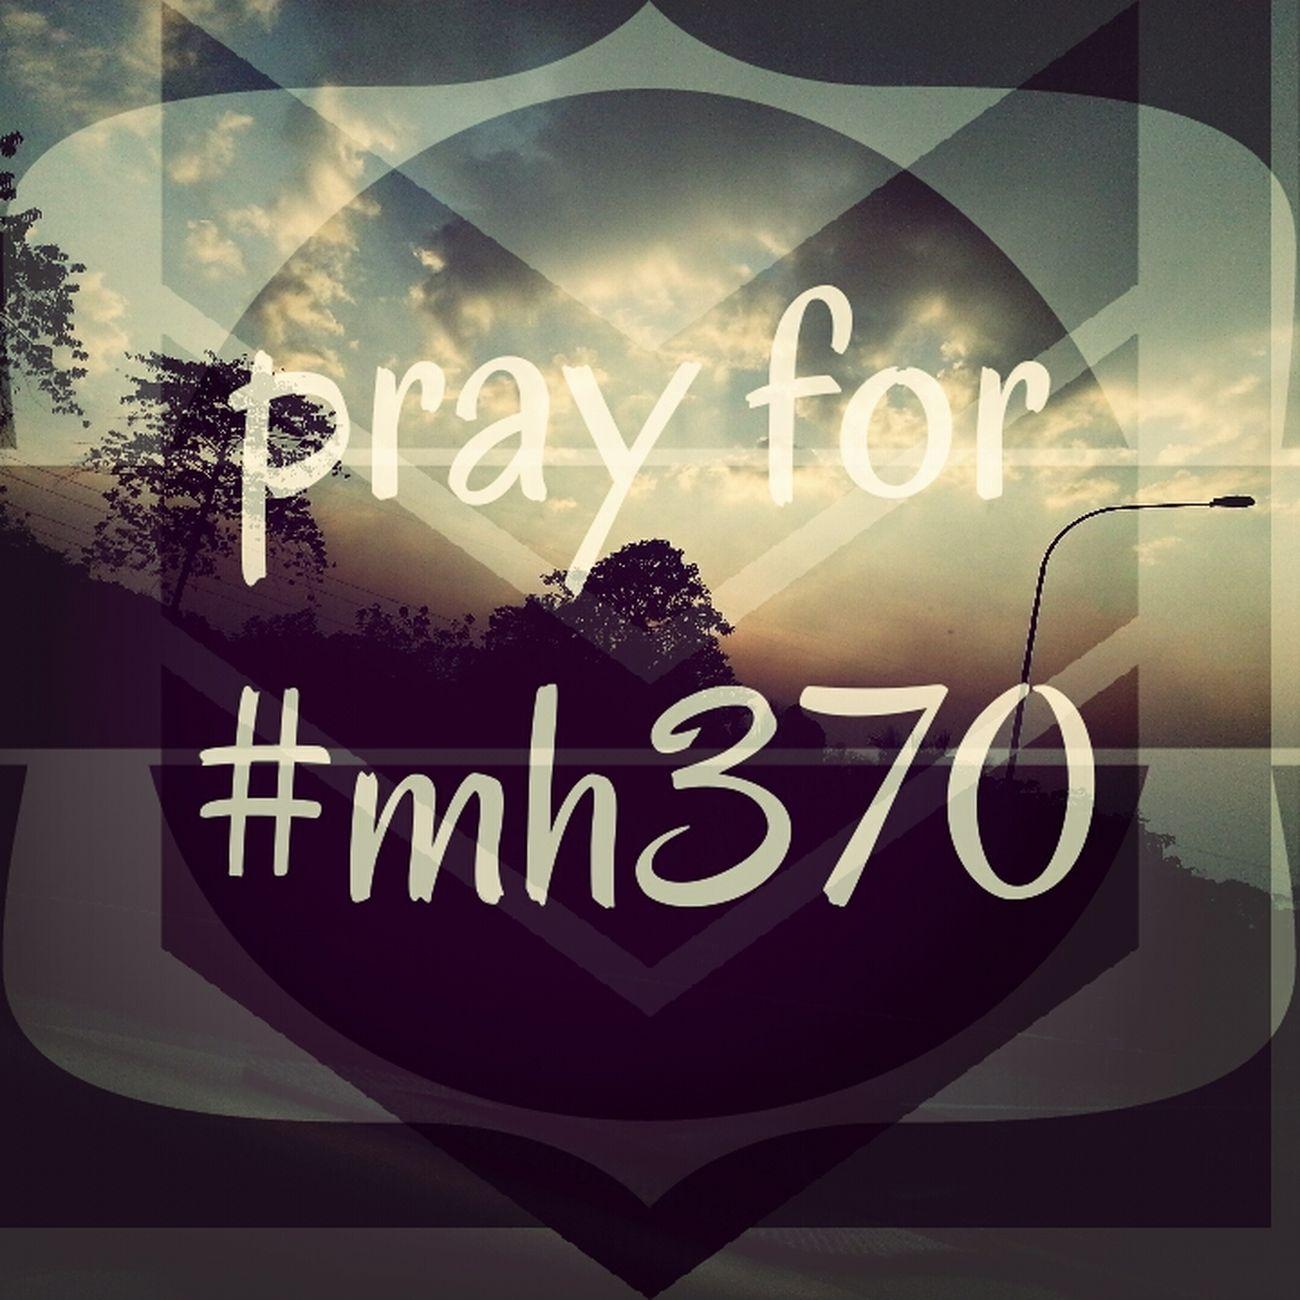 Pray For #mh370